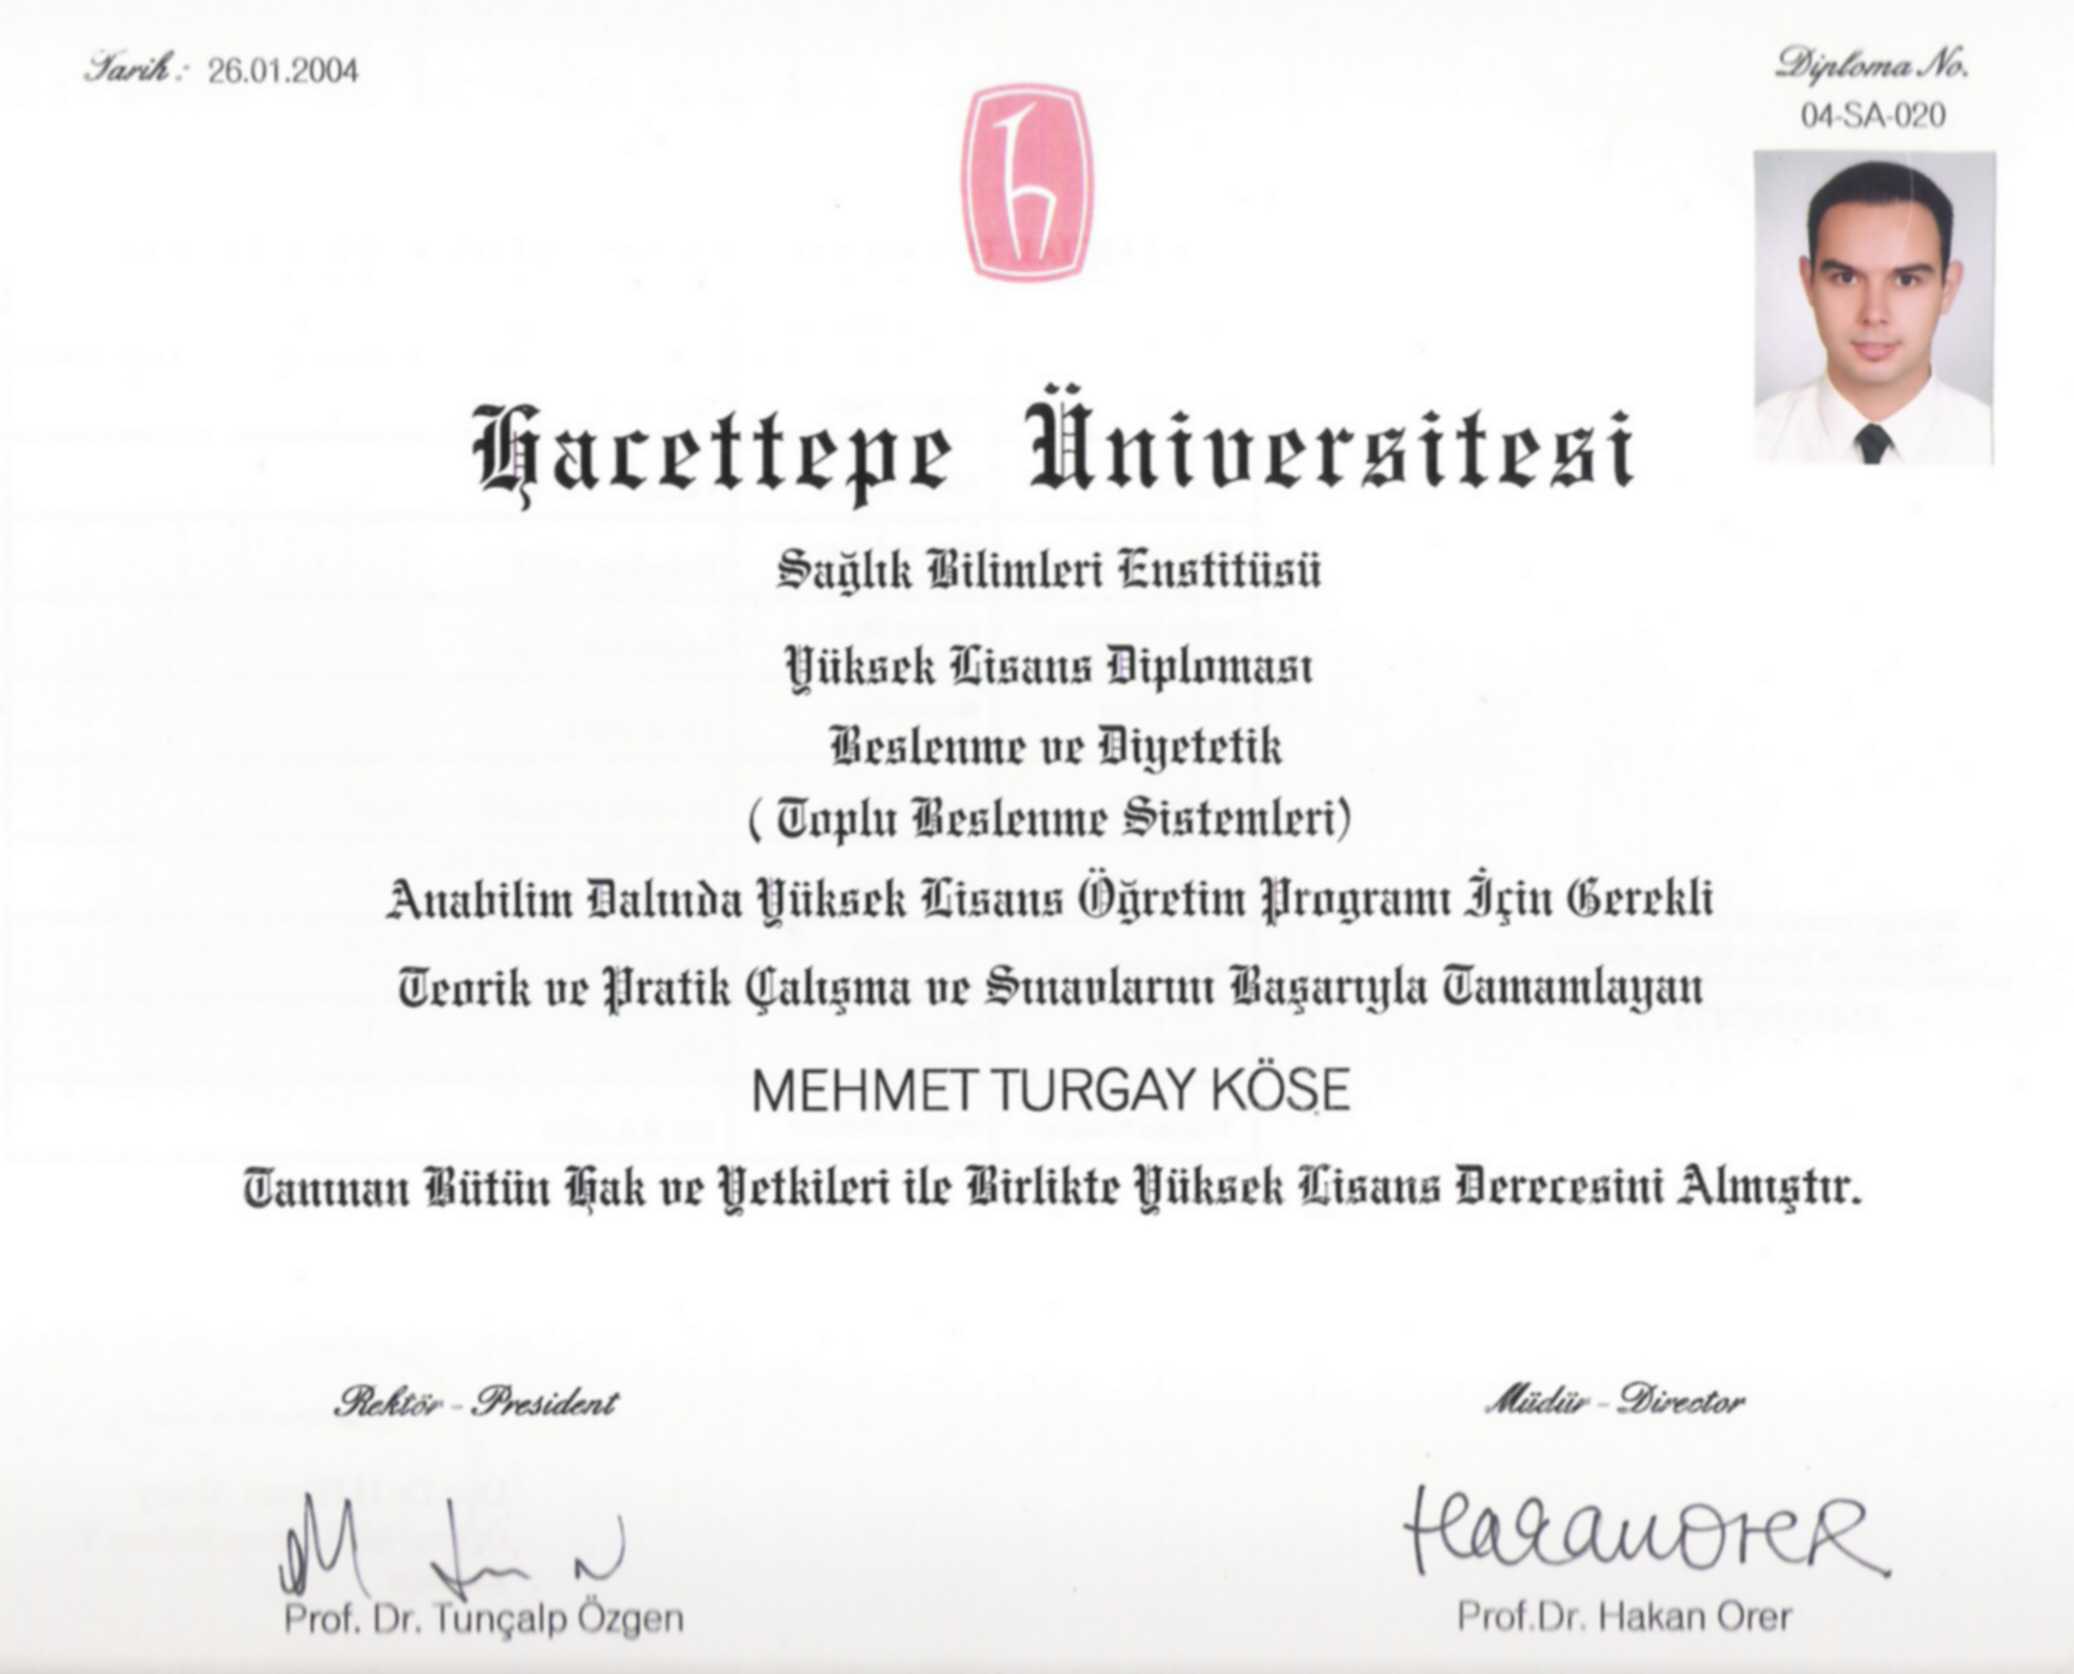 Hacettepe Üniversitesi Yüksek Lisans Diploması